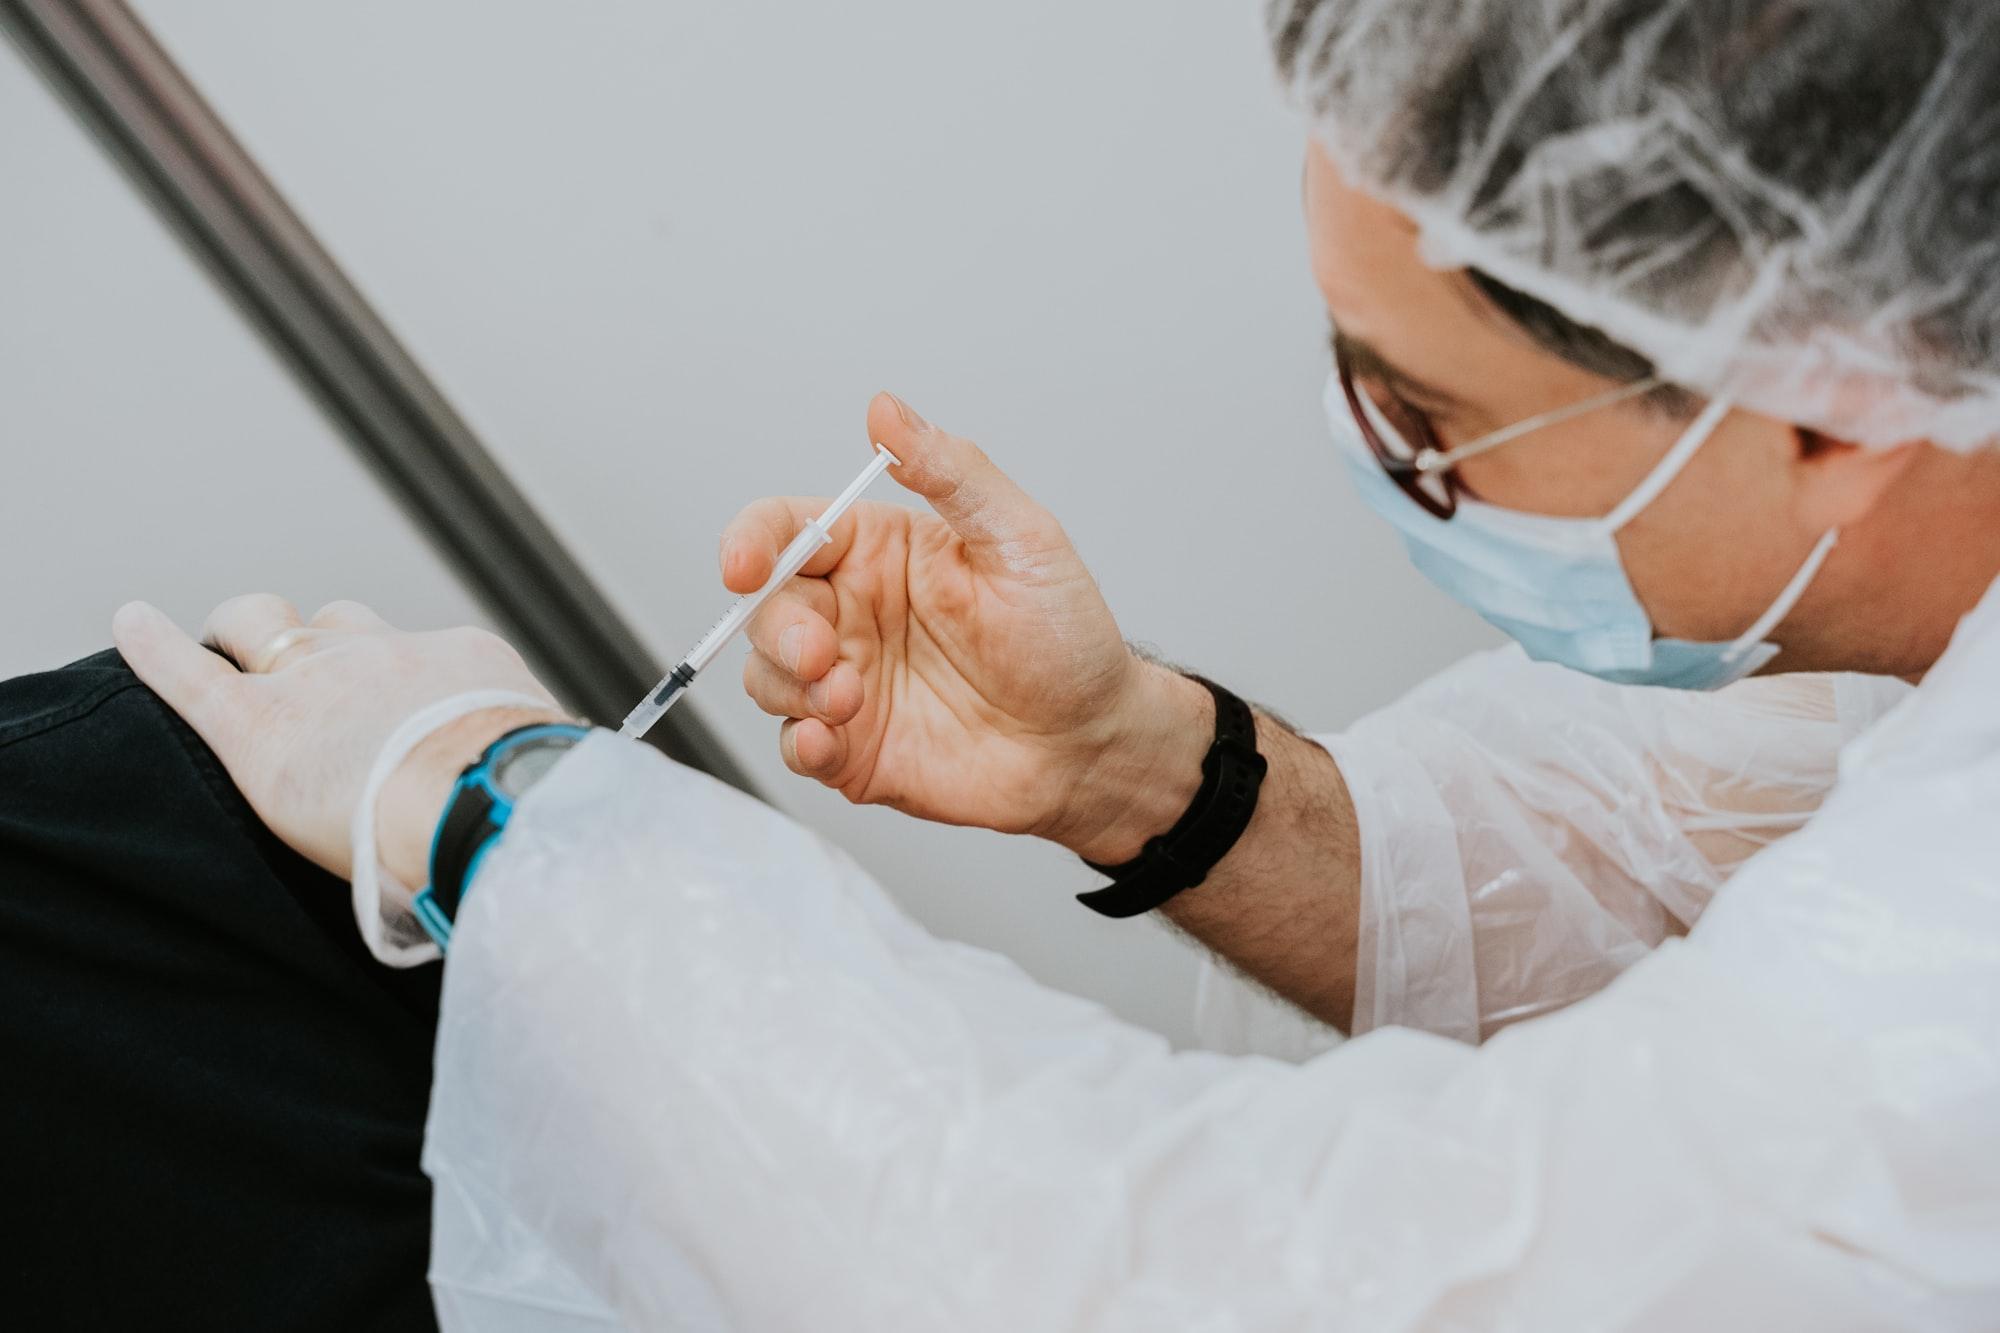 Koronawirus Małopolska [17.09]: Szczegółowe dane - zakażenia, zgony